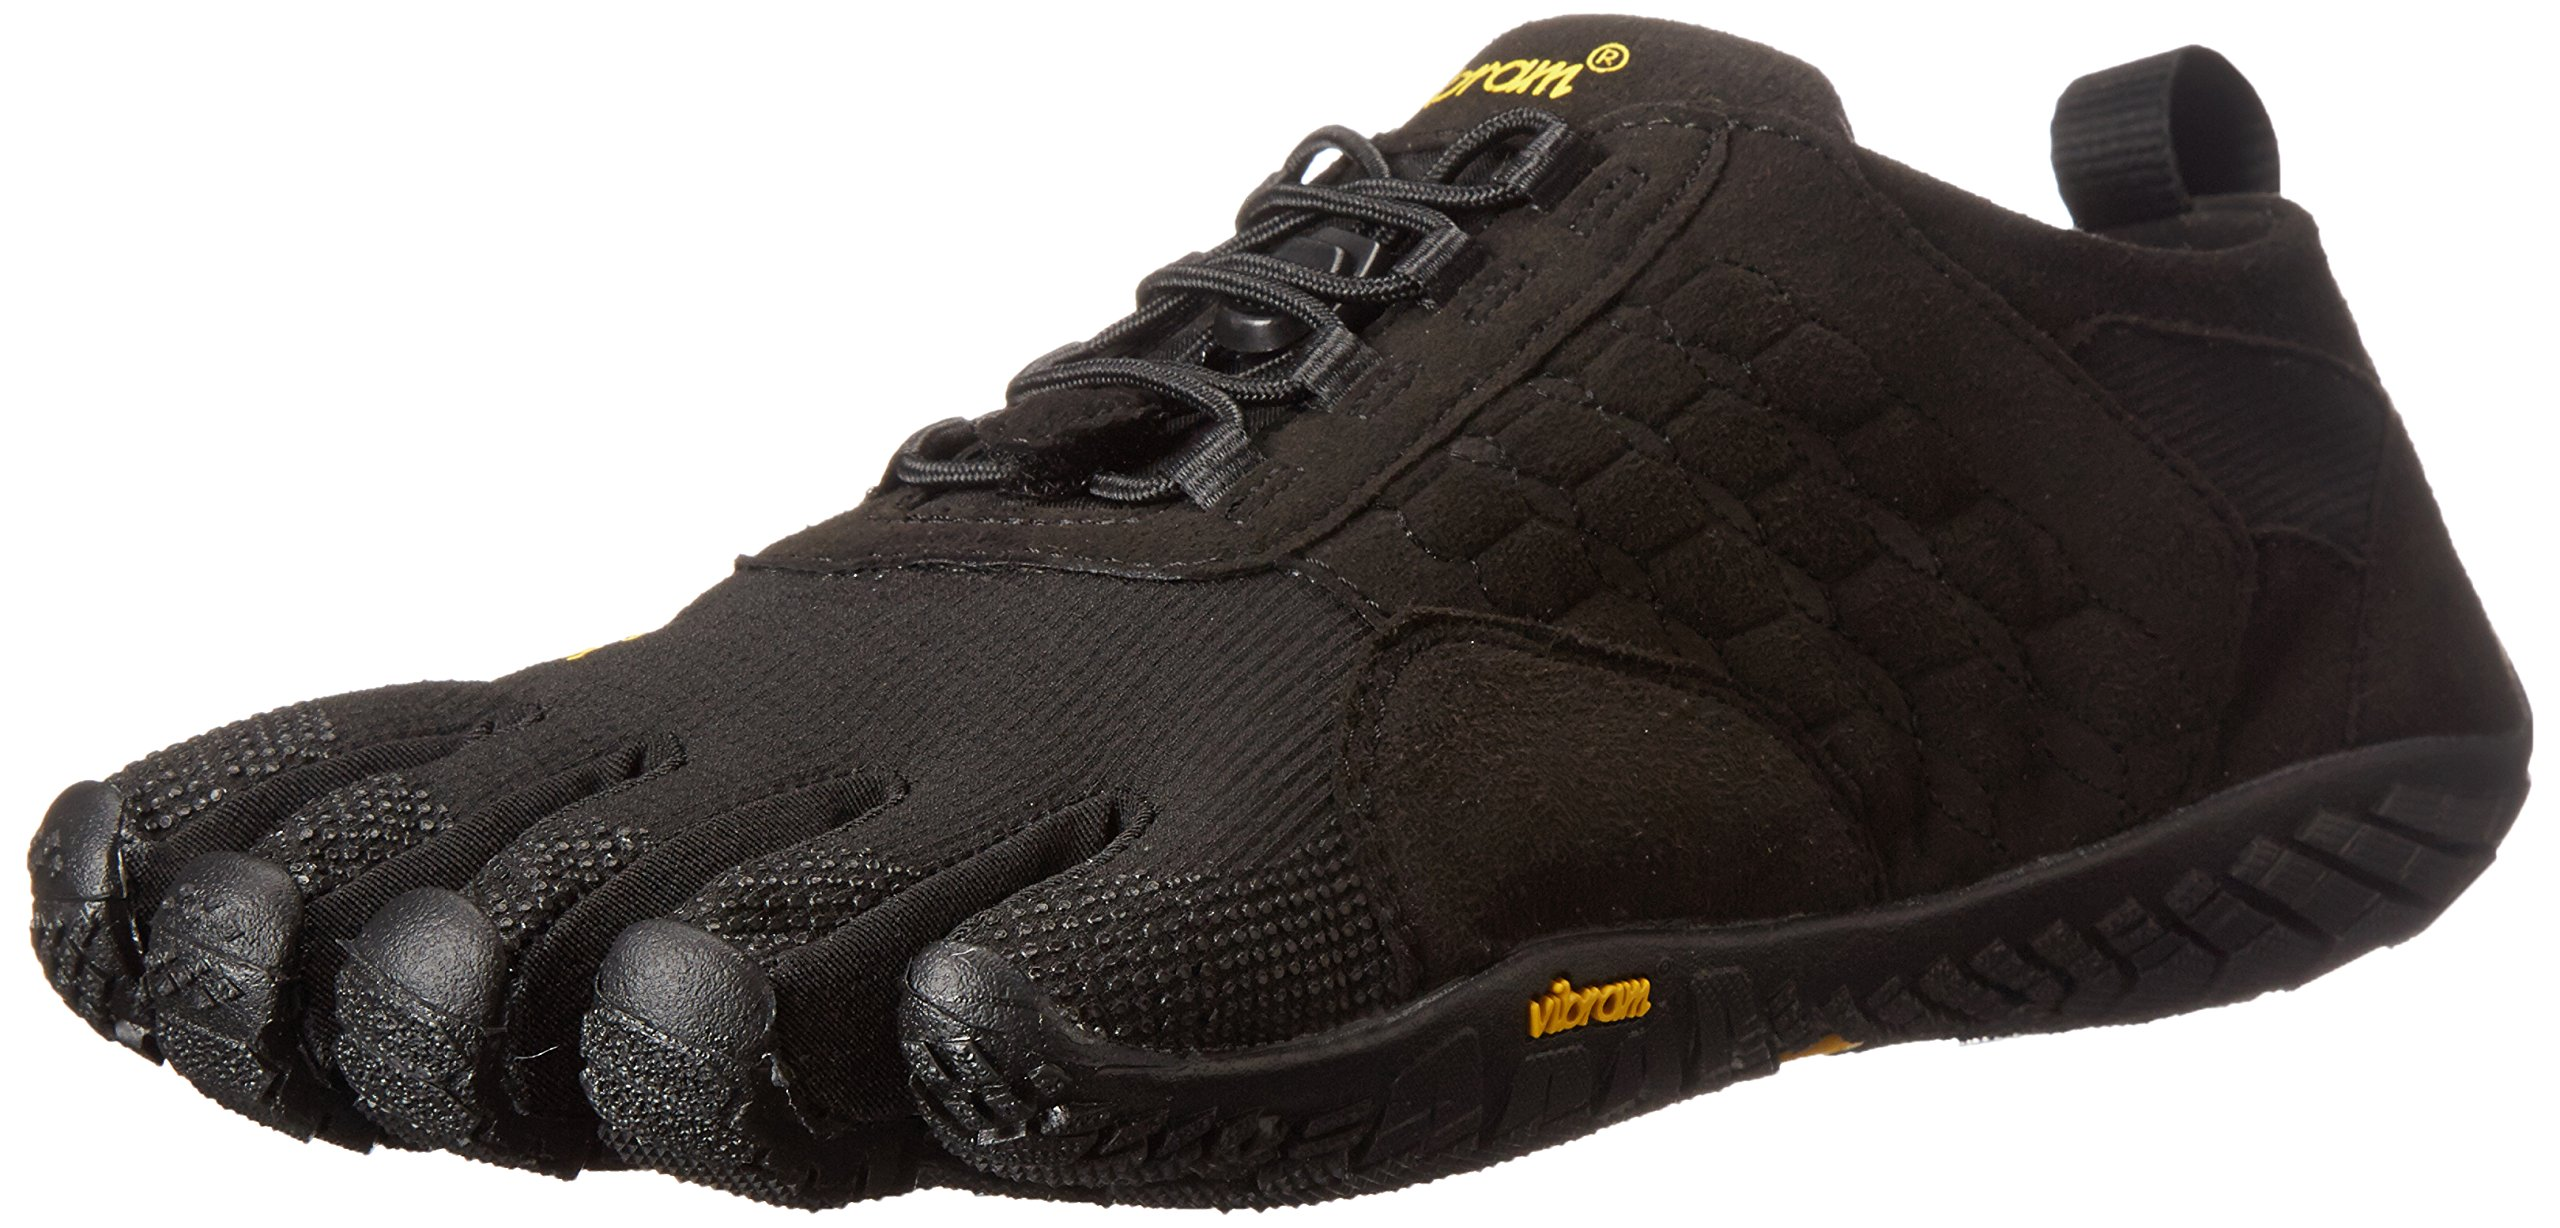 Vibram Women's Trek Ascent Light Hiking Shoe, Black,38 EU/7 M US